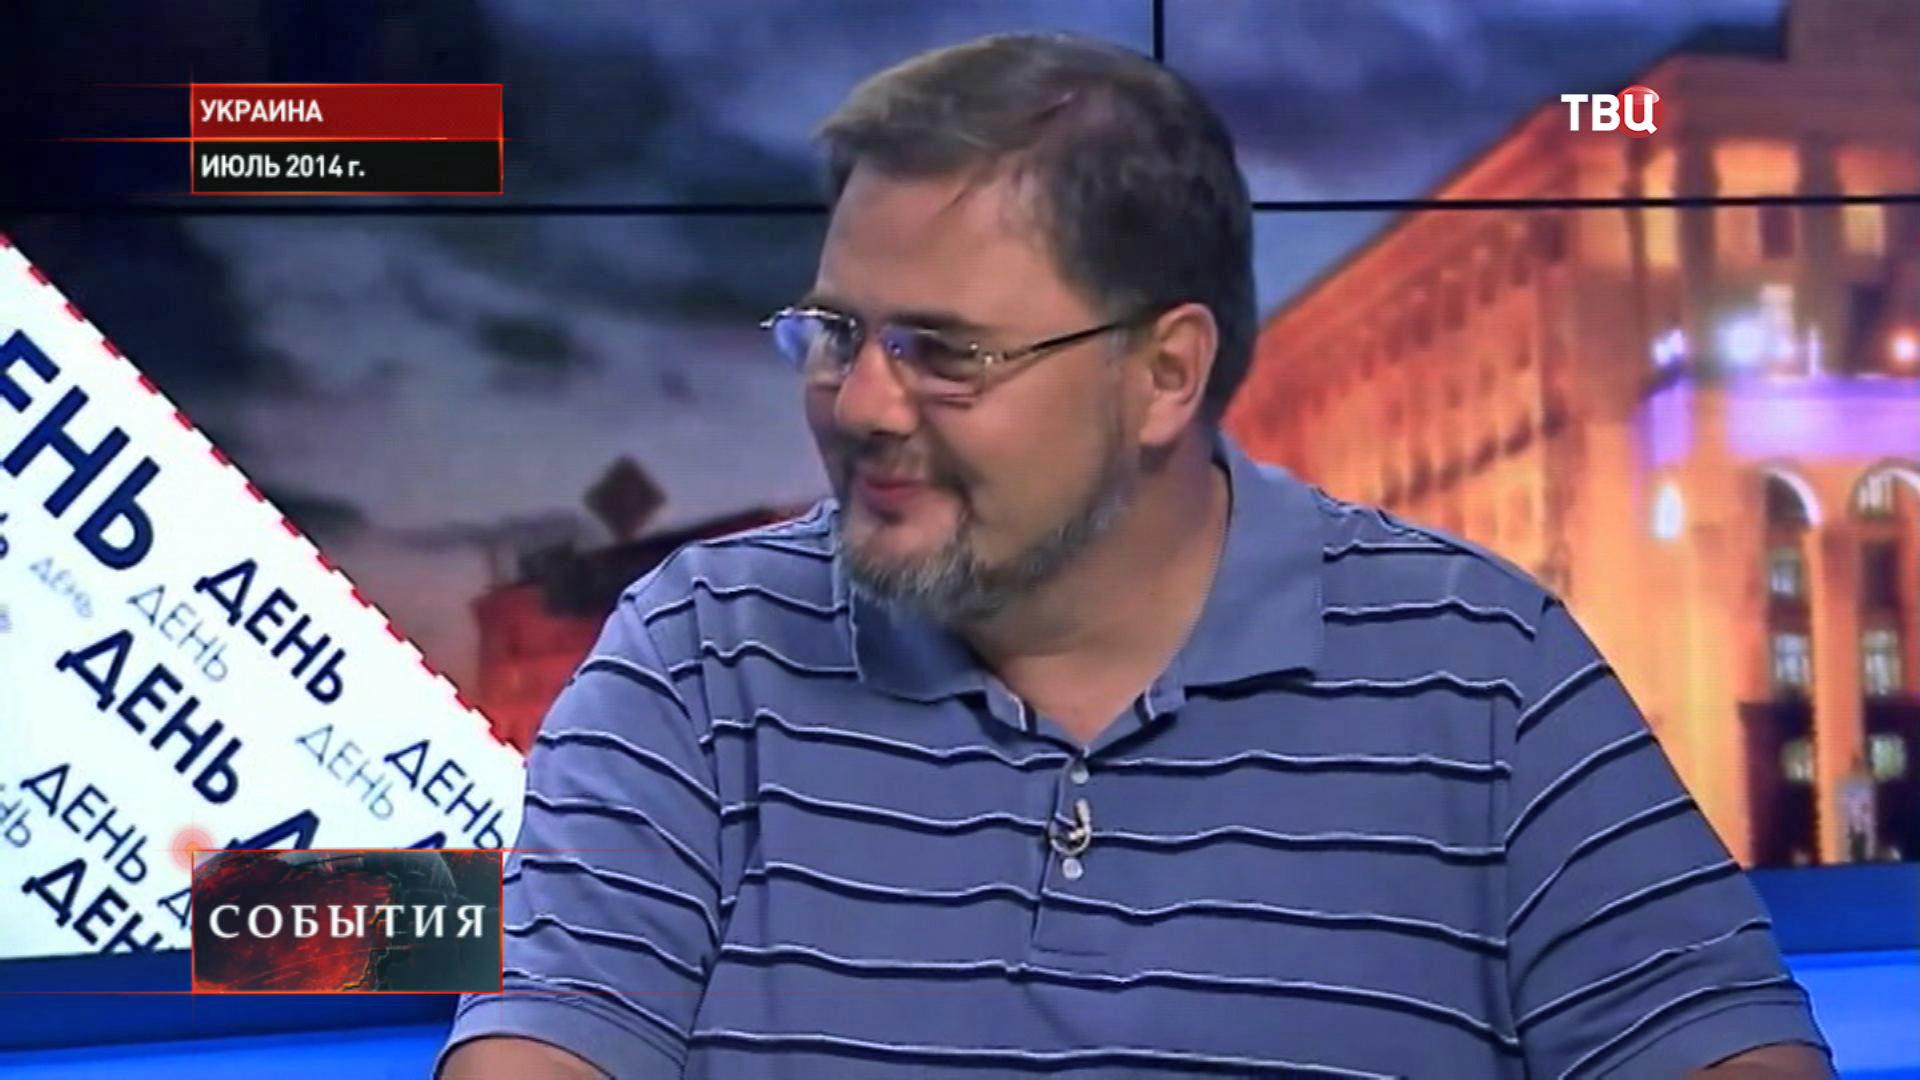 Украинский журналист из Ивано-Франковская Руслан Коцаба